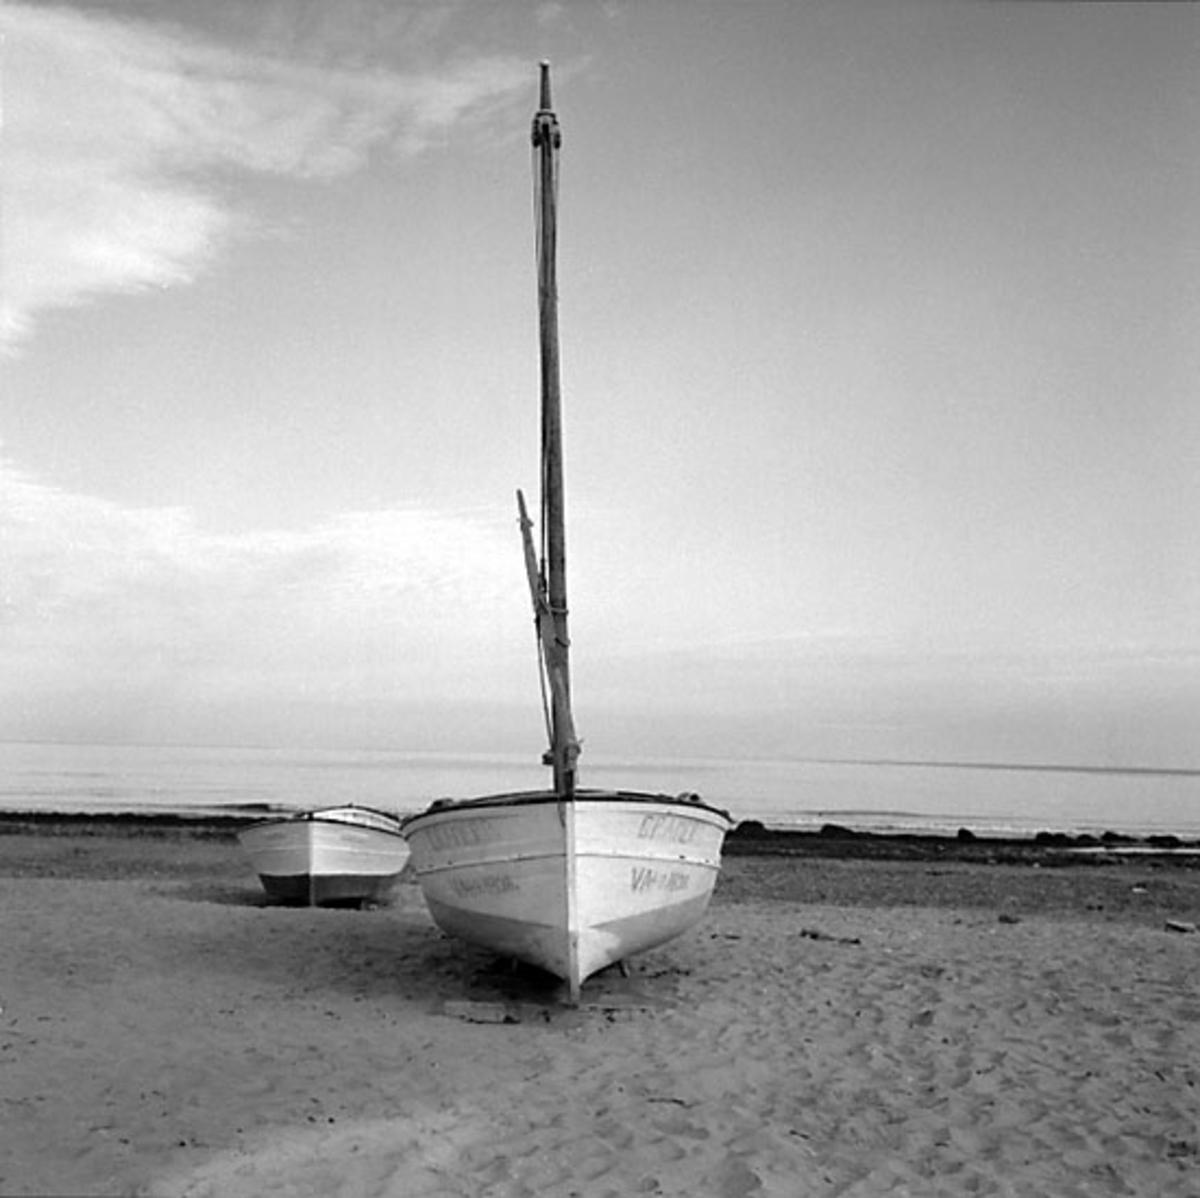 37. Spanien. Fotojournal finns på B.M.A. + fotoalbum. Samtidigt förvärv: Böcker och arkivmaterial. Foton tagna mellen 1959-11-10 och 1959-11-11. 12 Bilder i serie.